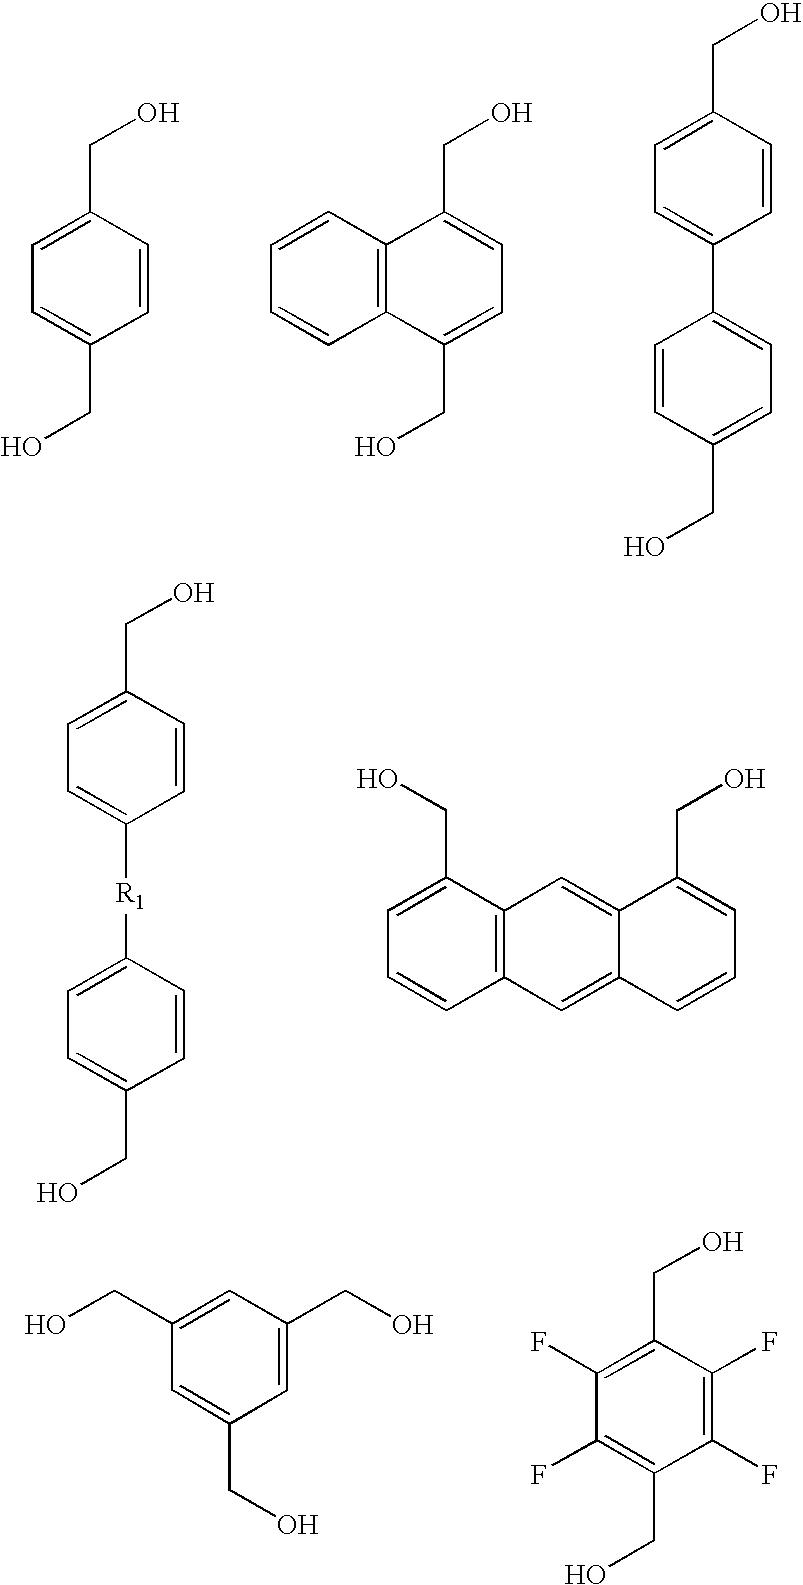 Figure US20060145149A1-20060706-C00005